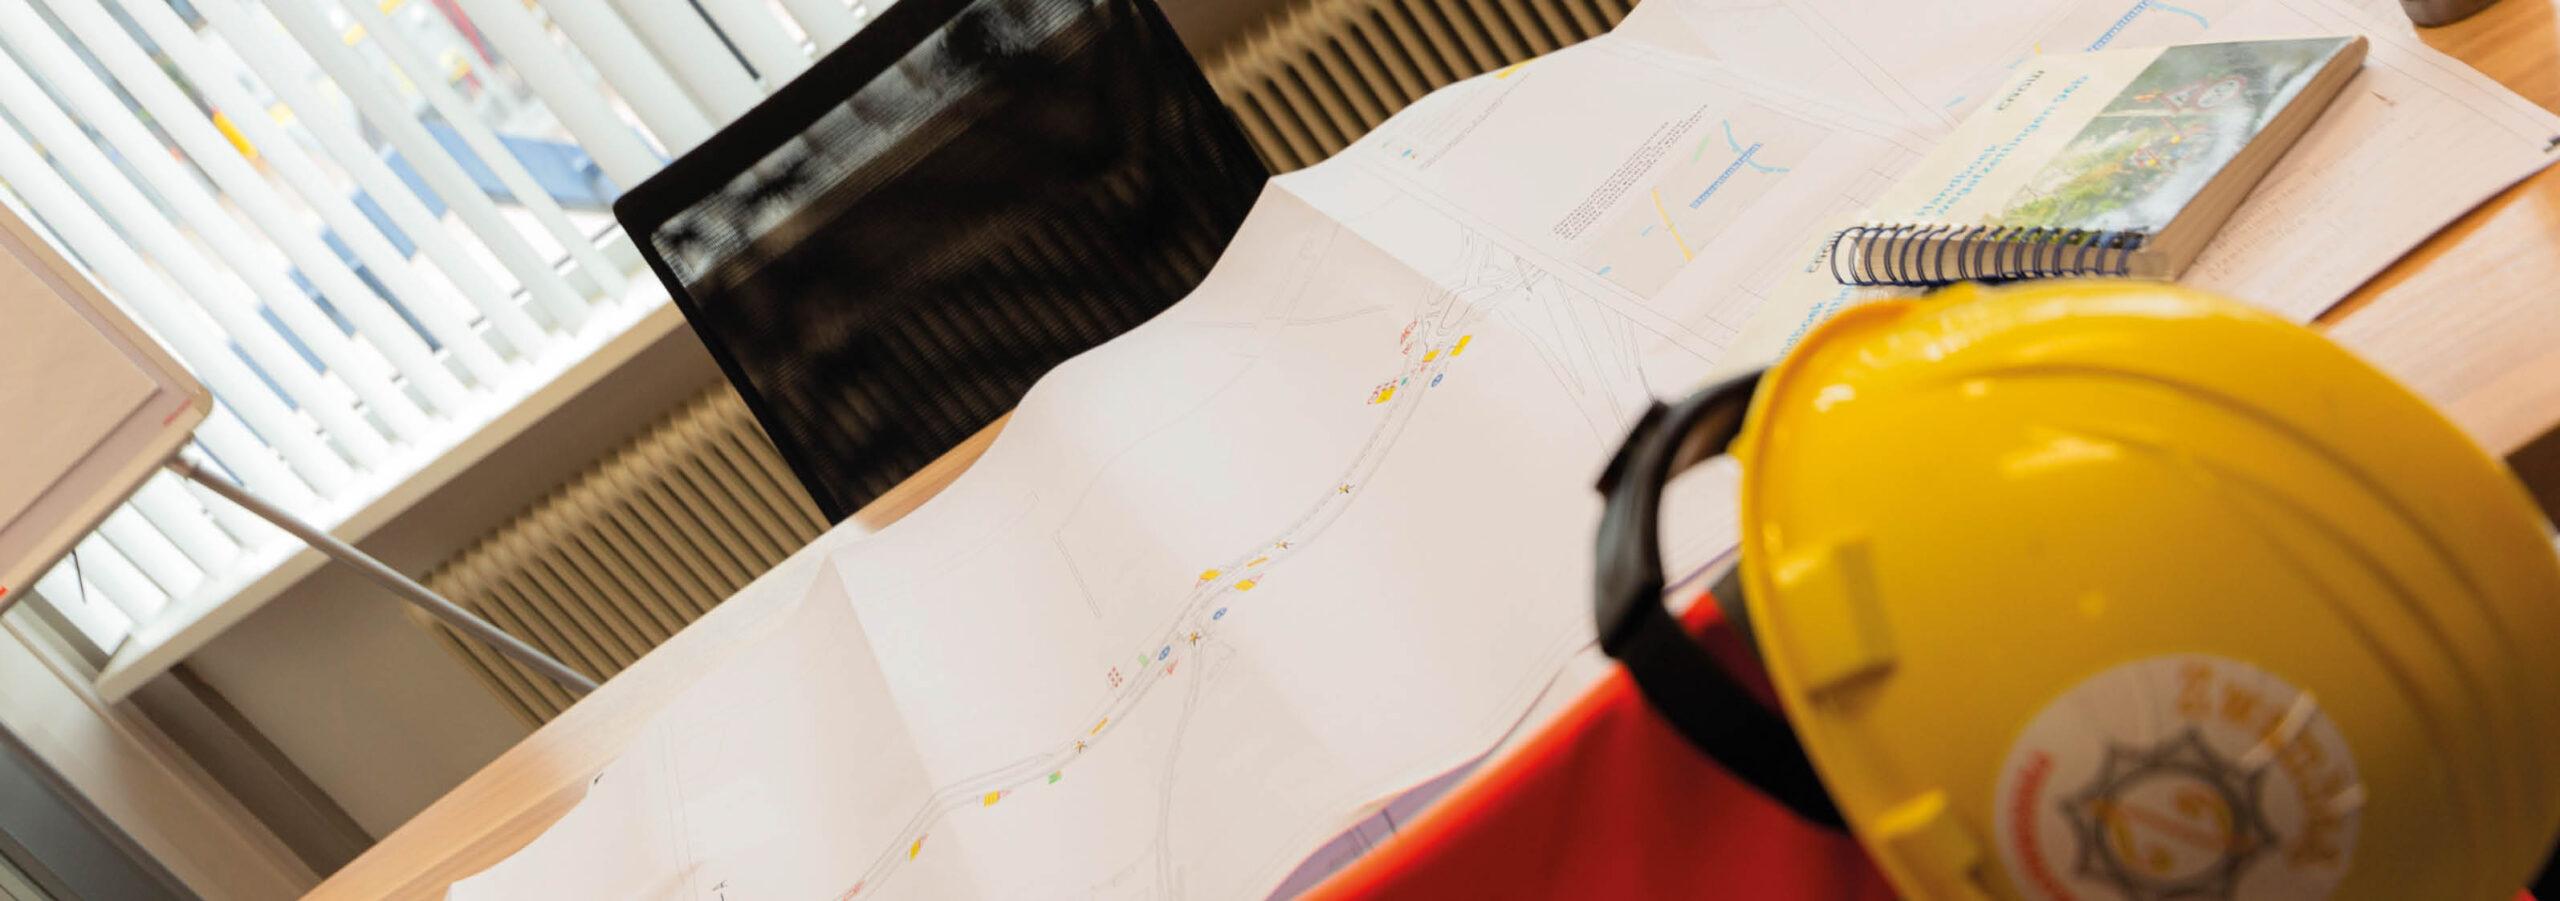 Ondersteuning aanbestedingstraject - zwambag verkeerstechniek - aanbestedingstraject verkeersmaatregel